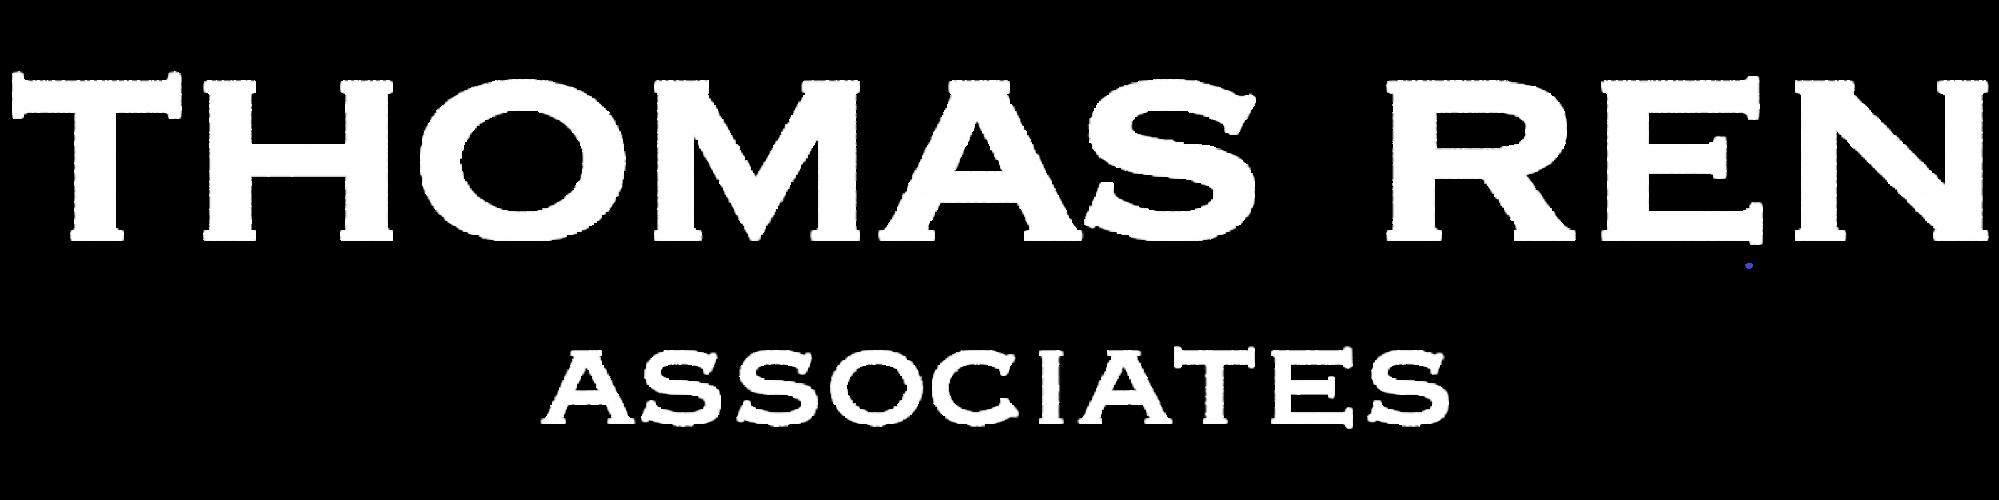 Thomas Ren Associates